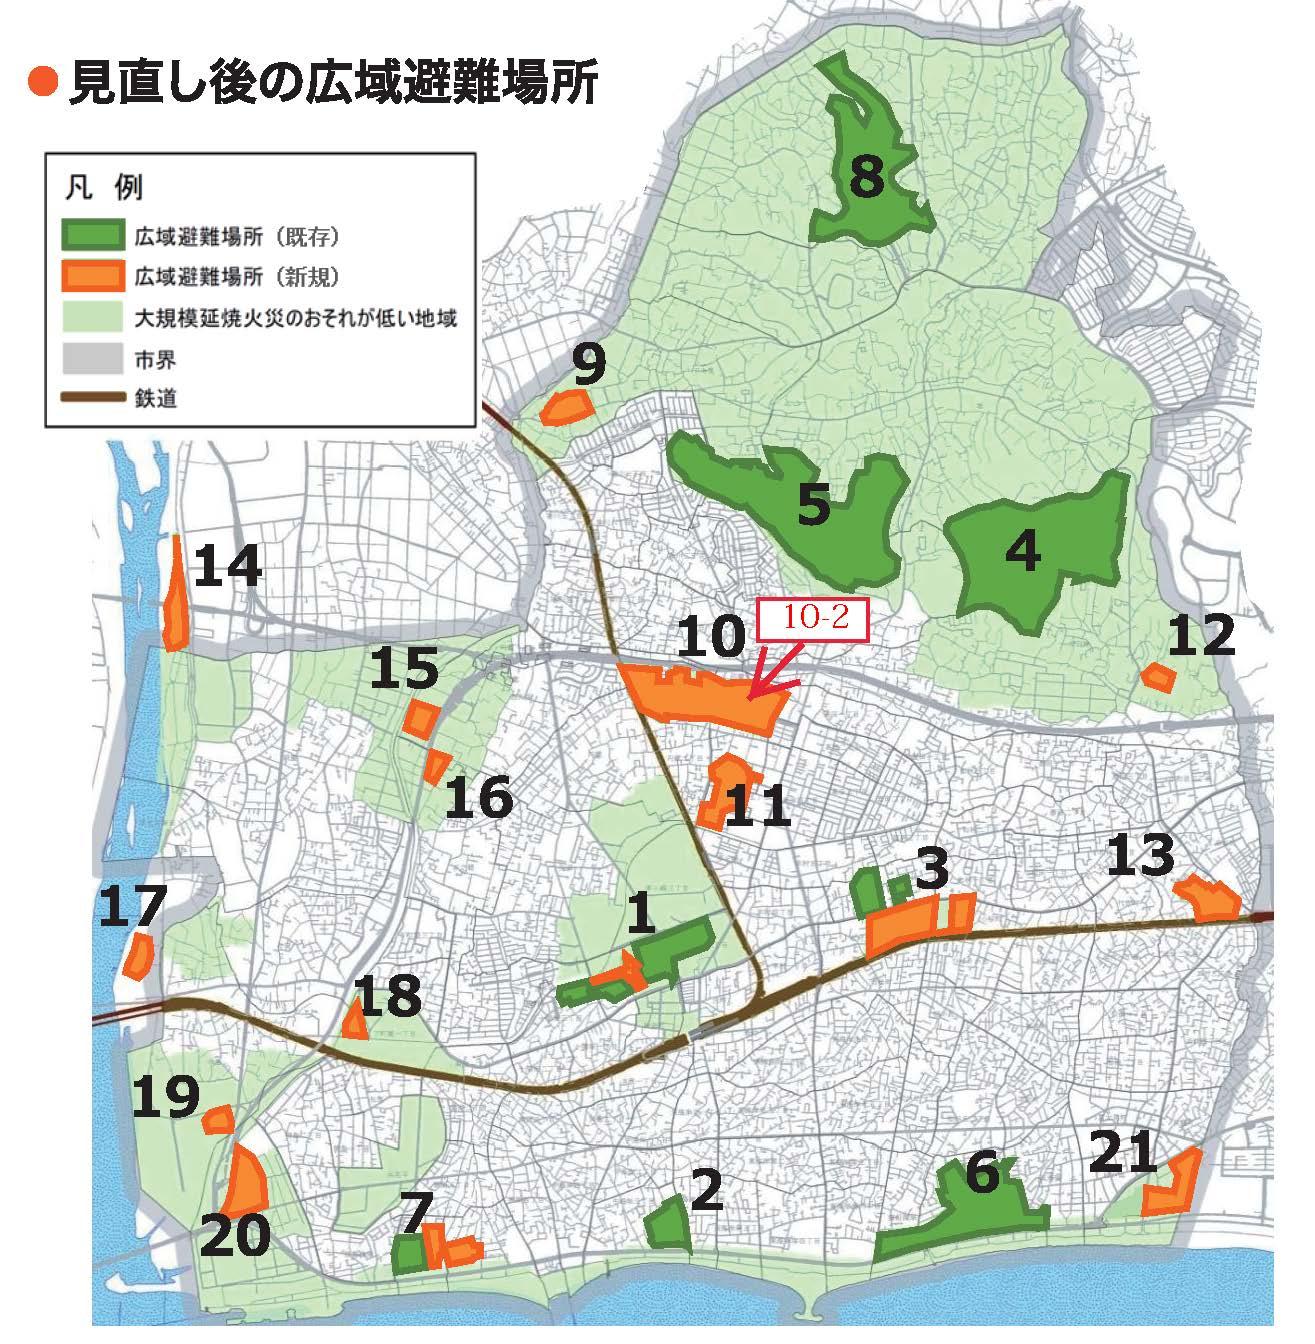 10-2.広域避難場所_茅ヶ崎市地図